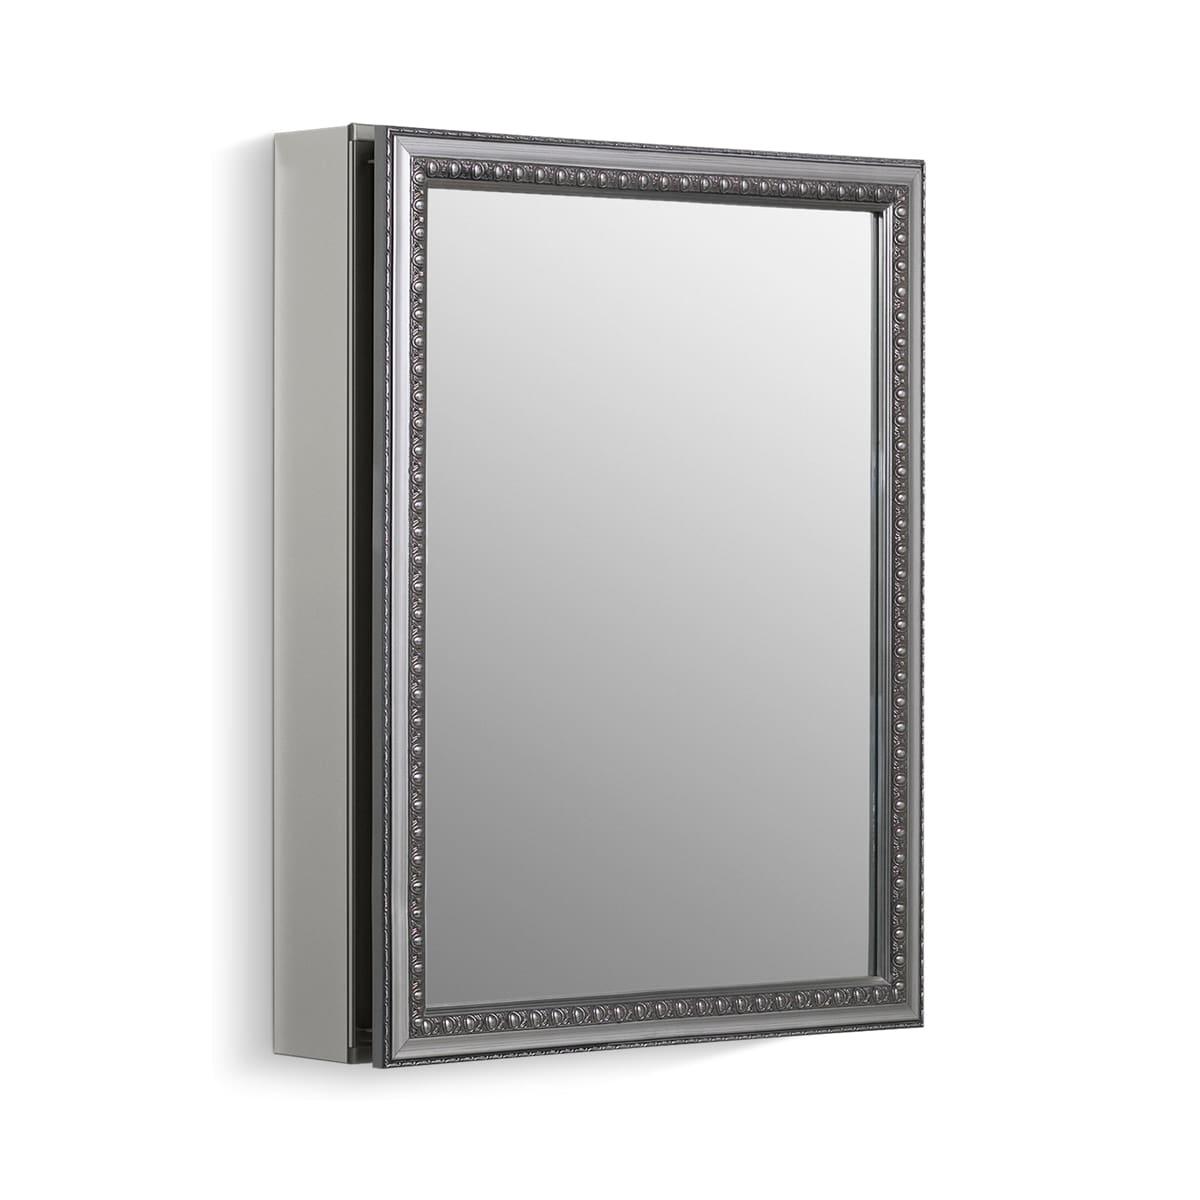 Kohler K Cb Clw2026ss Silver Aluminum